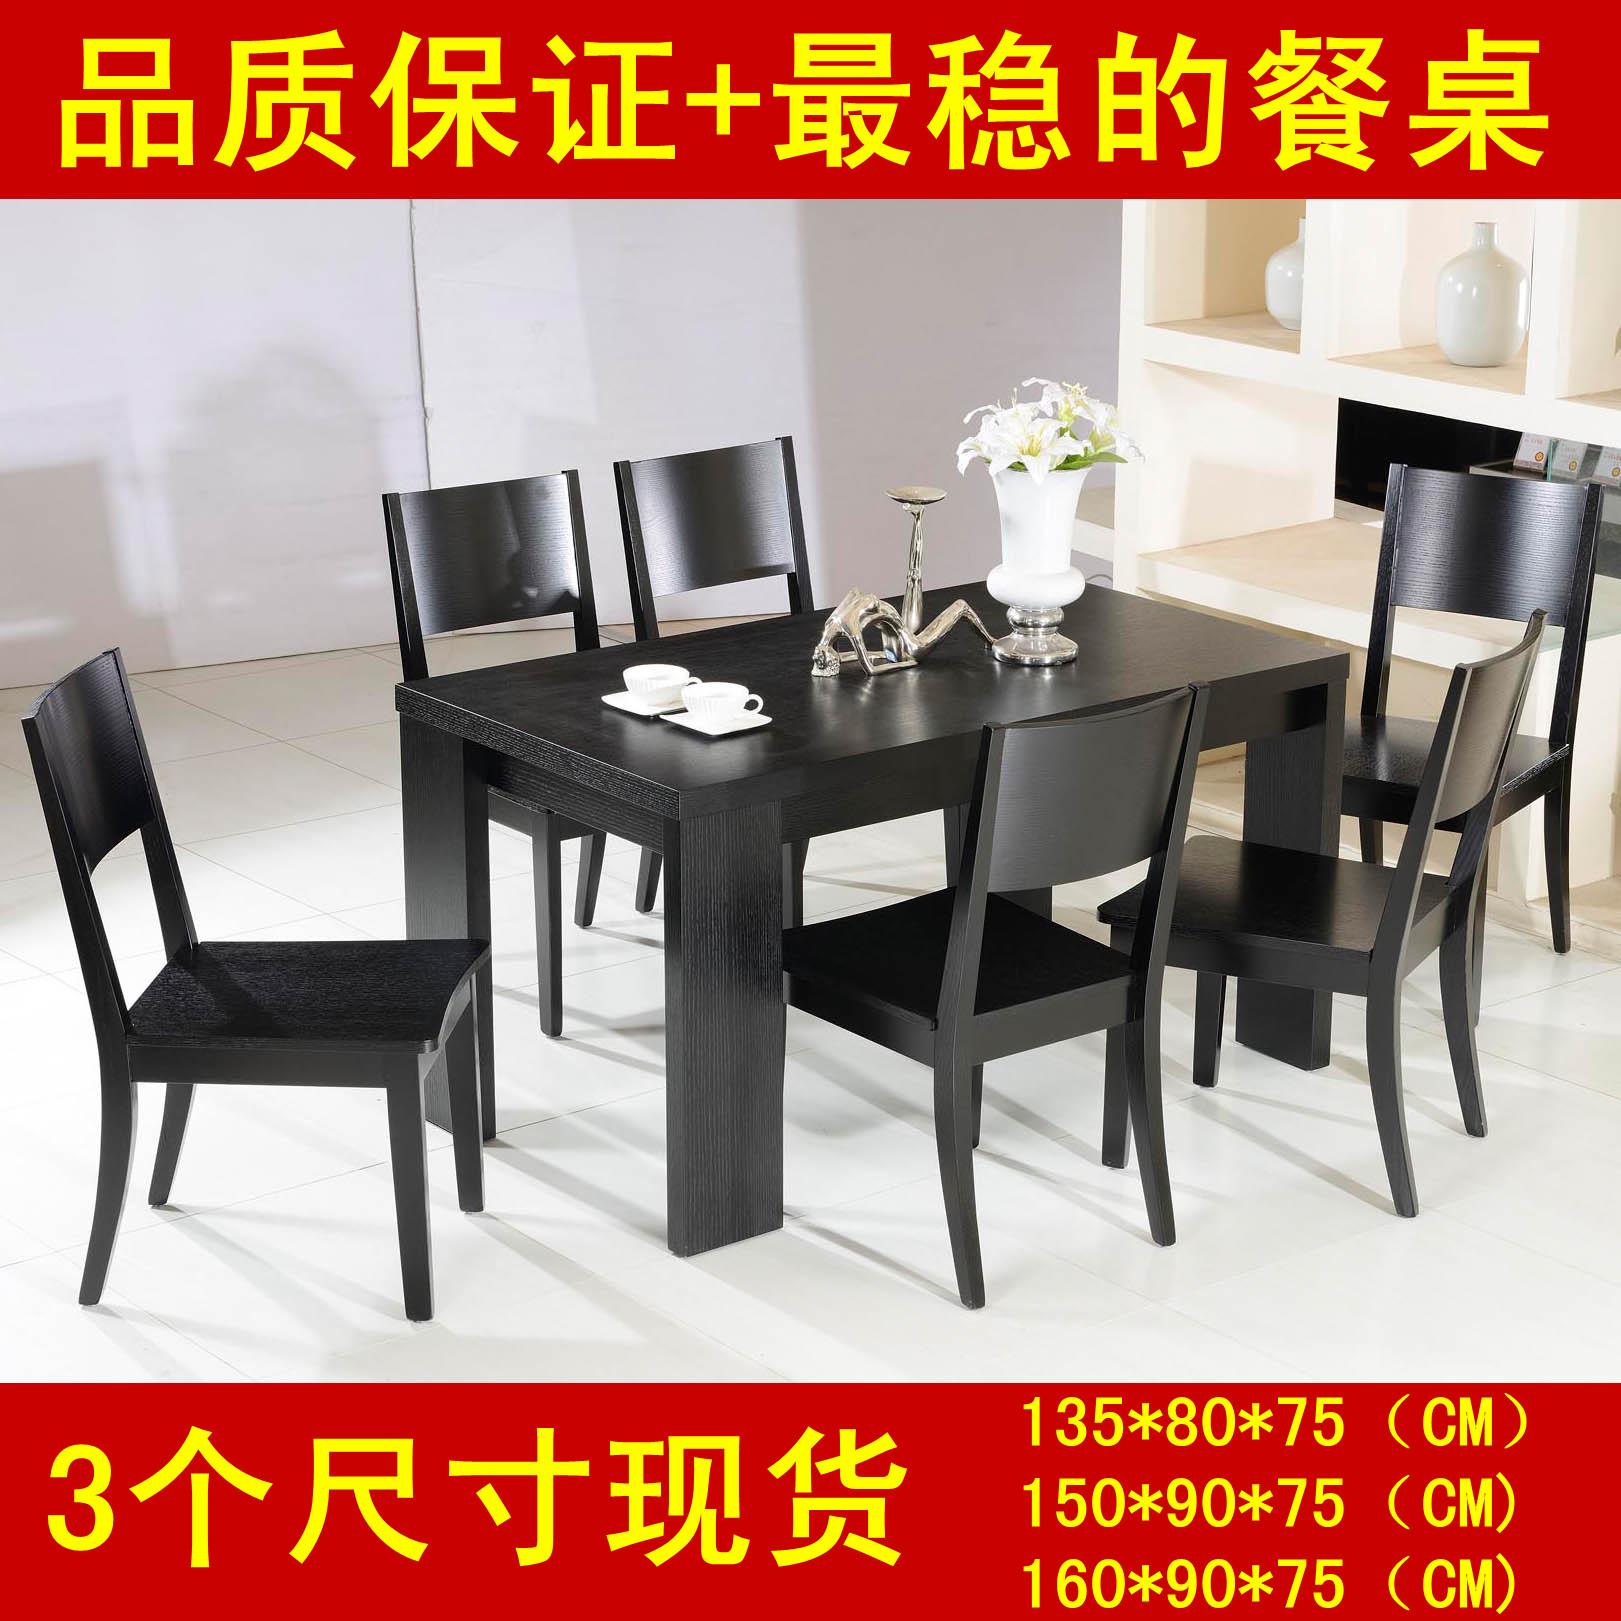 黑色餐桌椅组合 简约时尚饭桌 现代高档黑橡木皮餐桌 配实木椅子